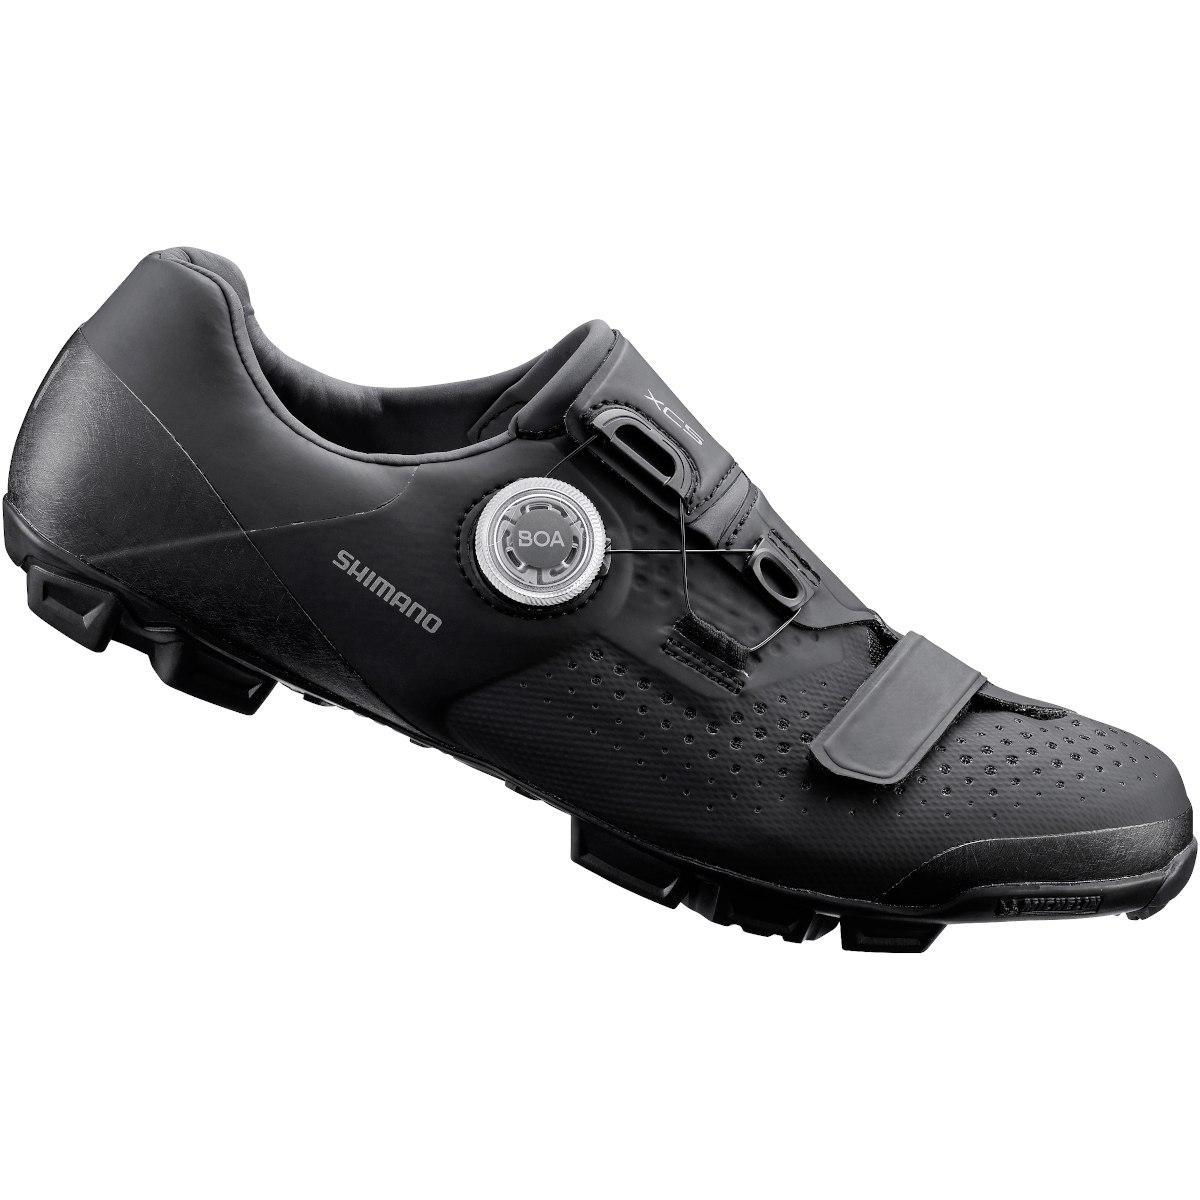 Shimano SH-XC501 Cross Country Schuhe - black